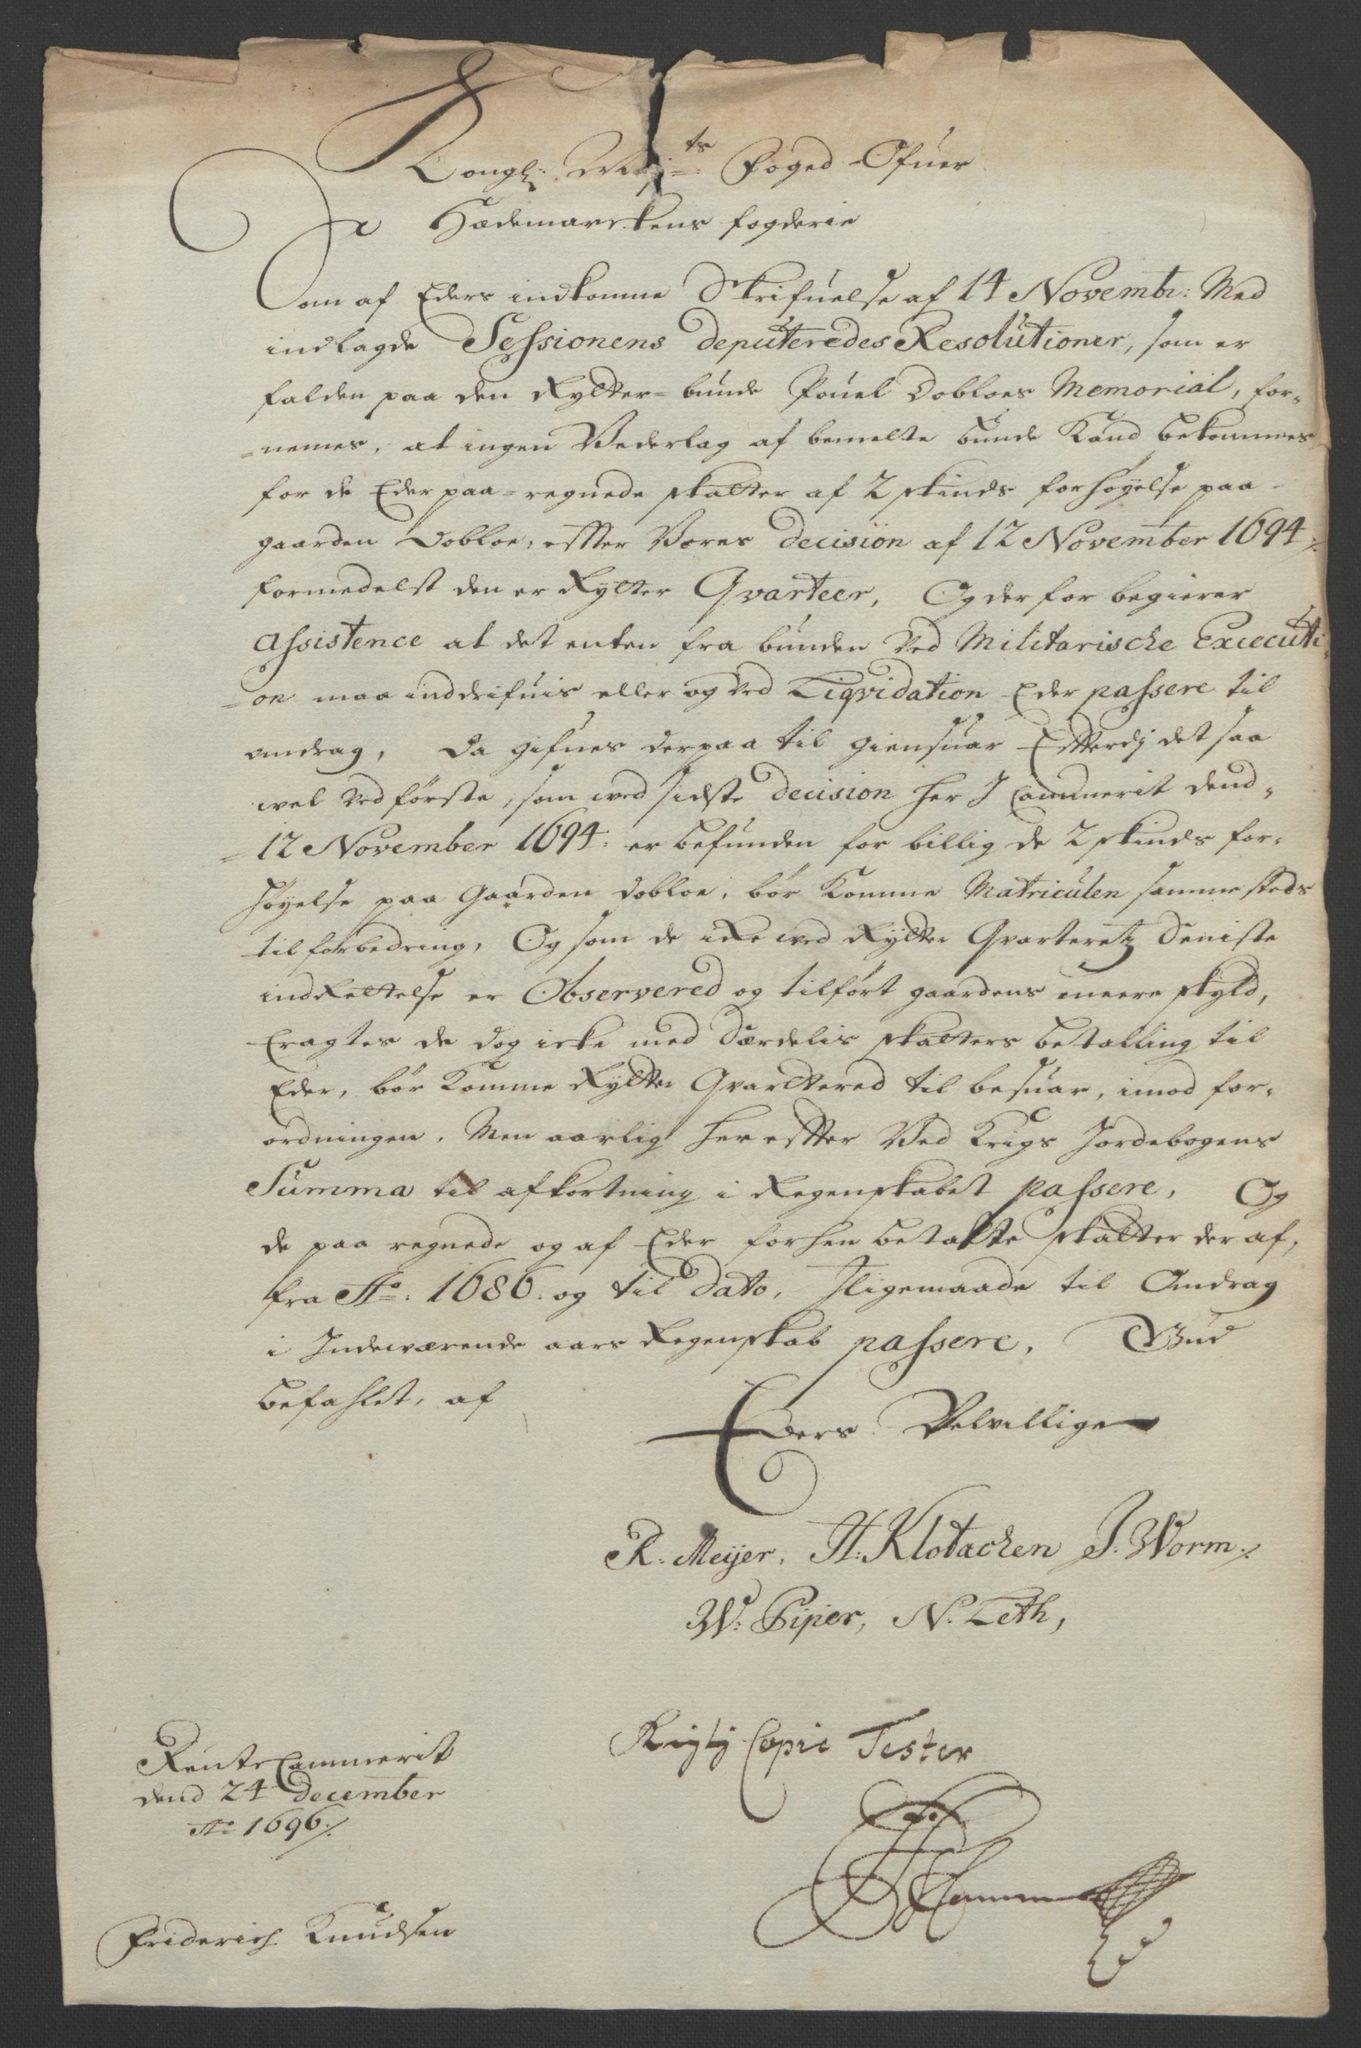 RA, Rentekammeret inntil 1814, Reviderte regnskaper, Fogderegnskap, R16/L1036: Fogderegnskap Hedmark, 1695-1696, s. 436